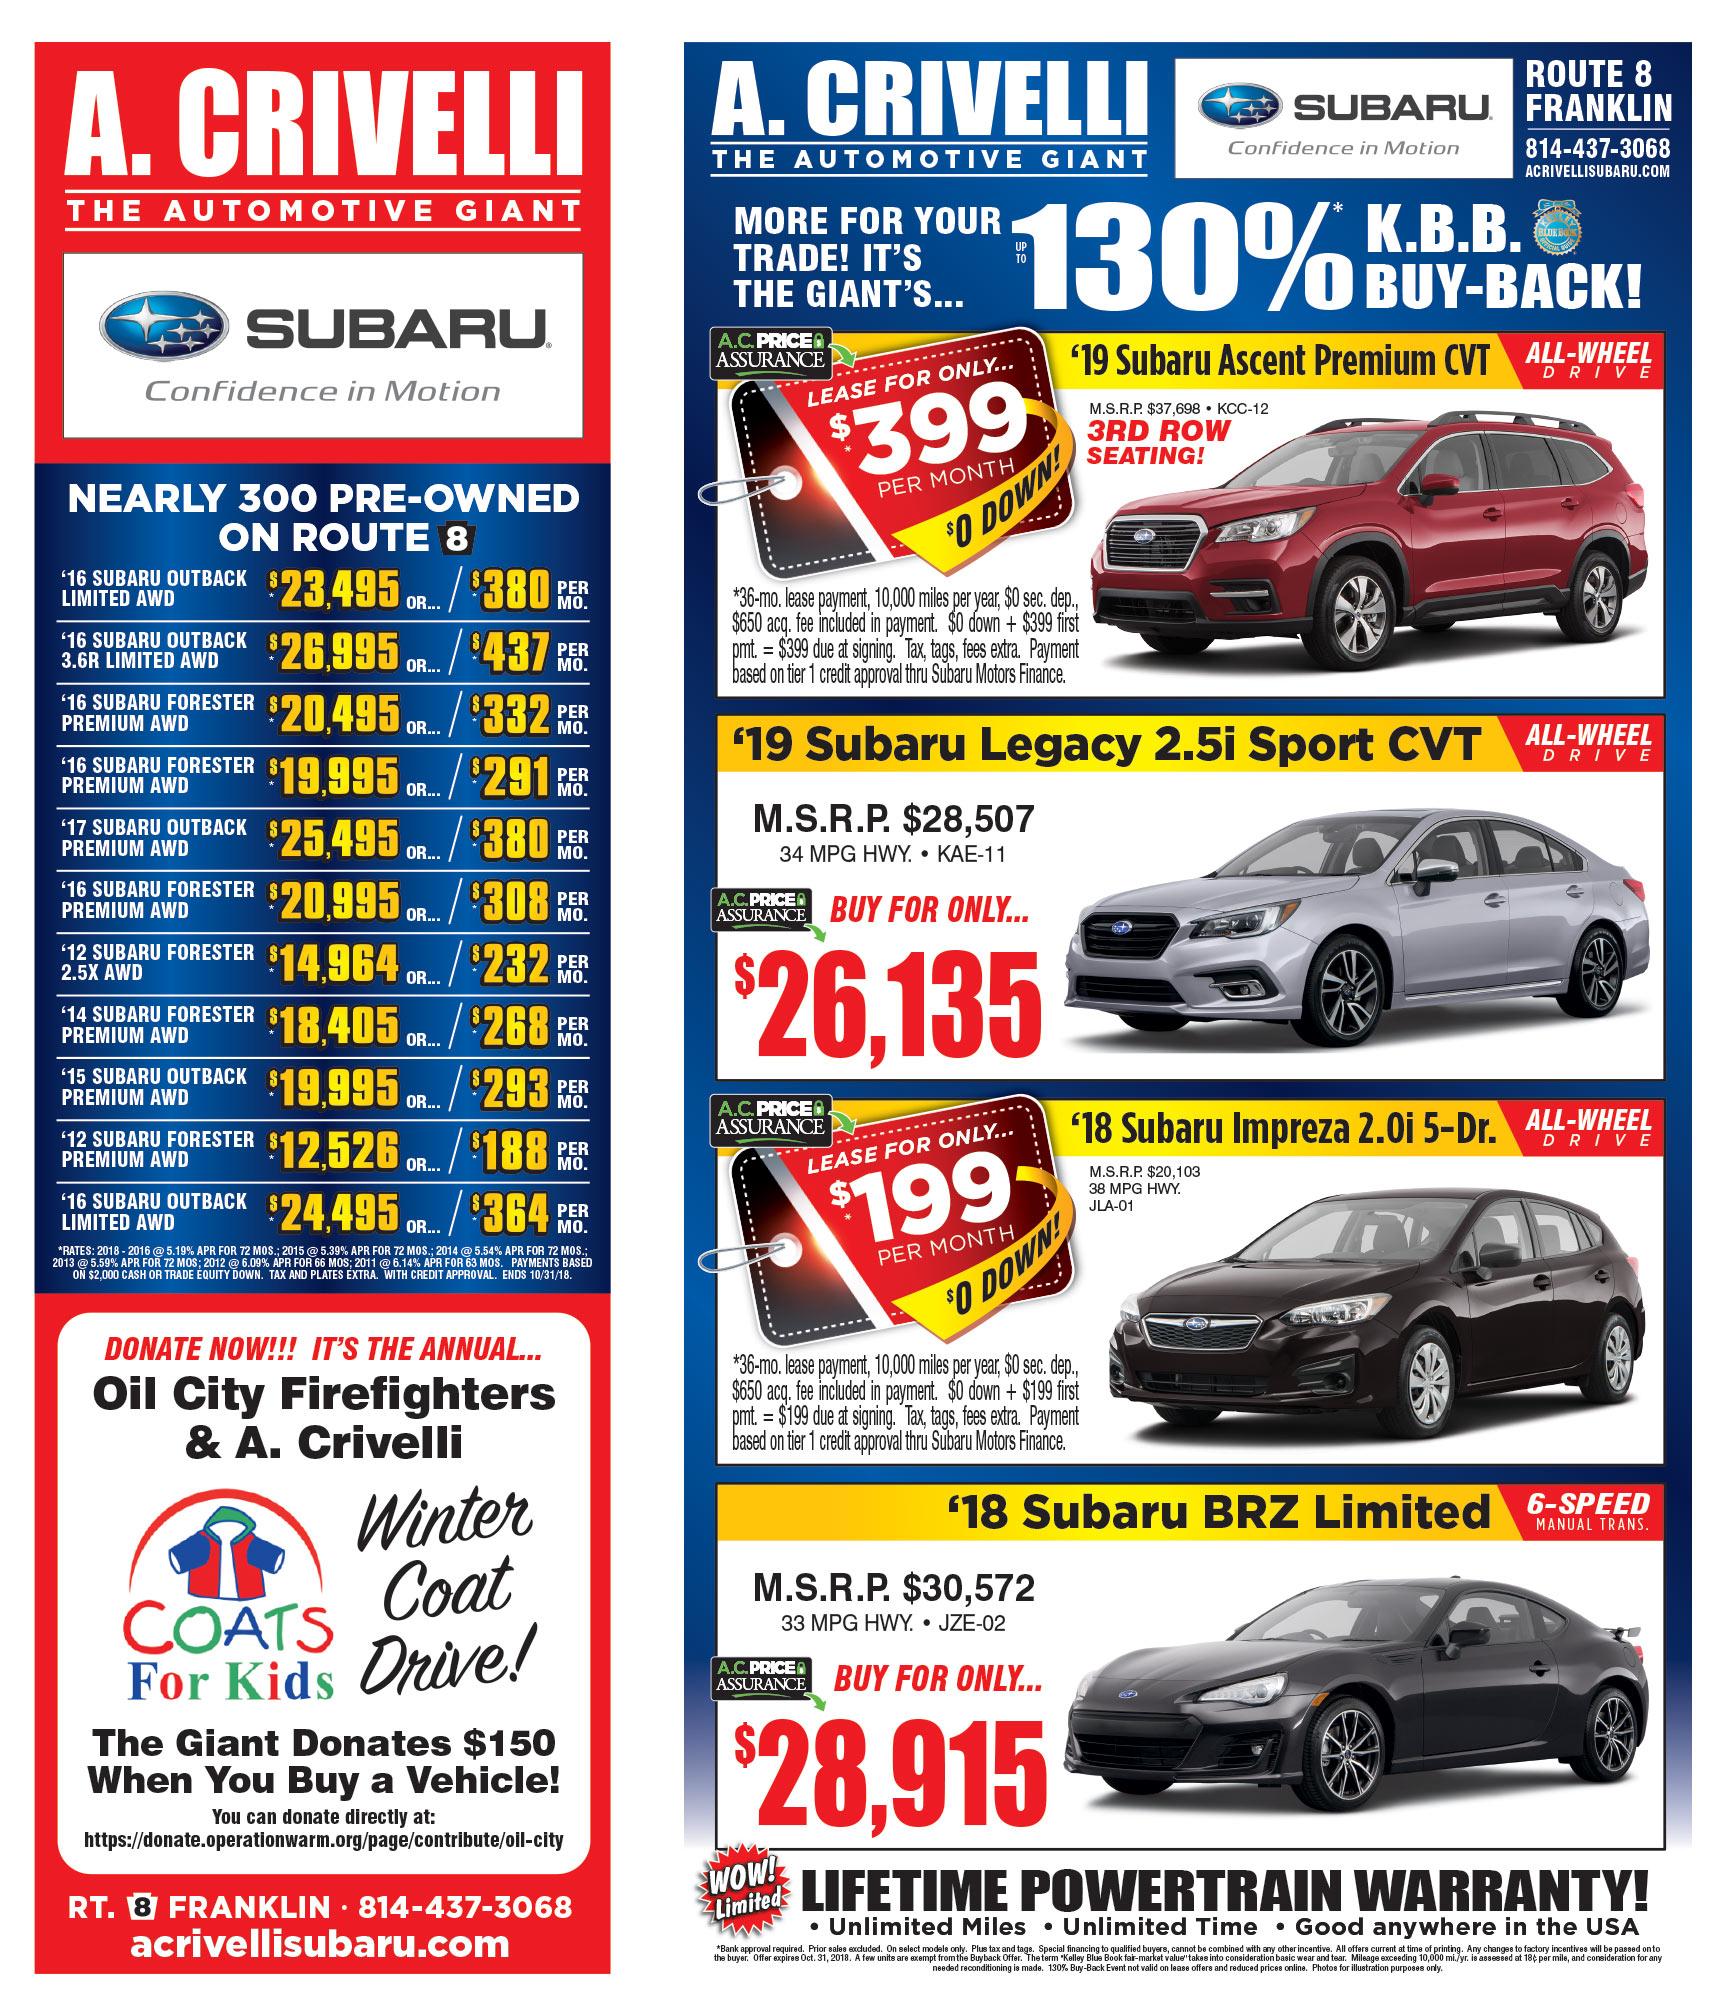 A Crivelli Subaru >> Sales Ad A Crivelli Subaru Subaru Deals Near Franklin Pa Erie